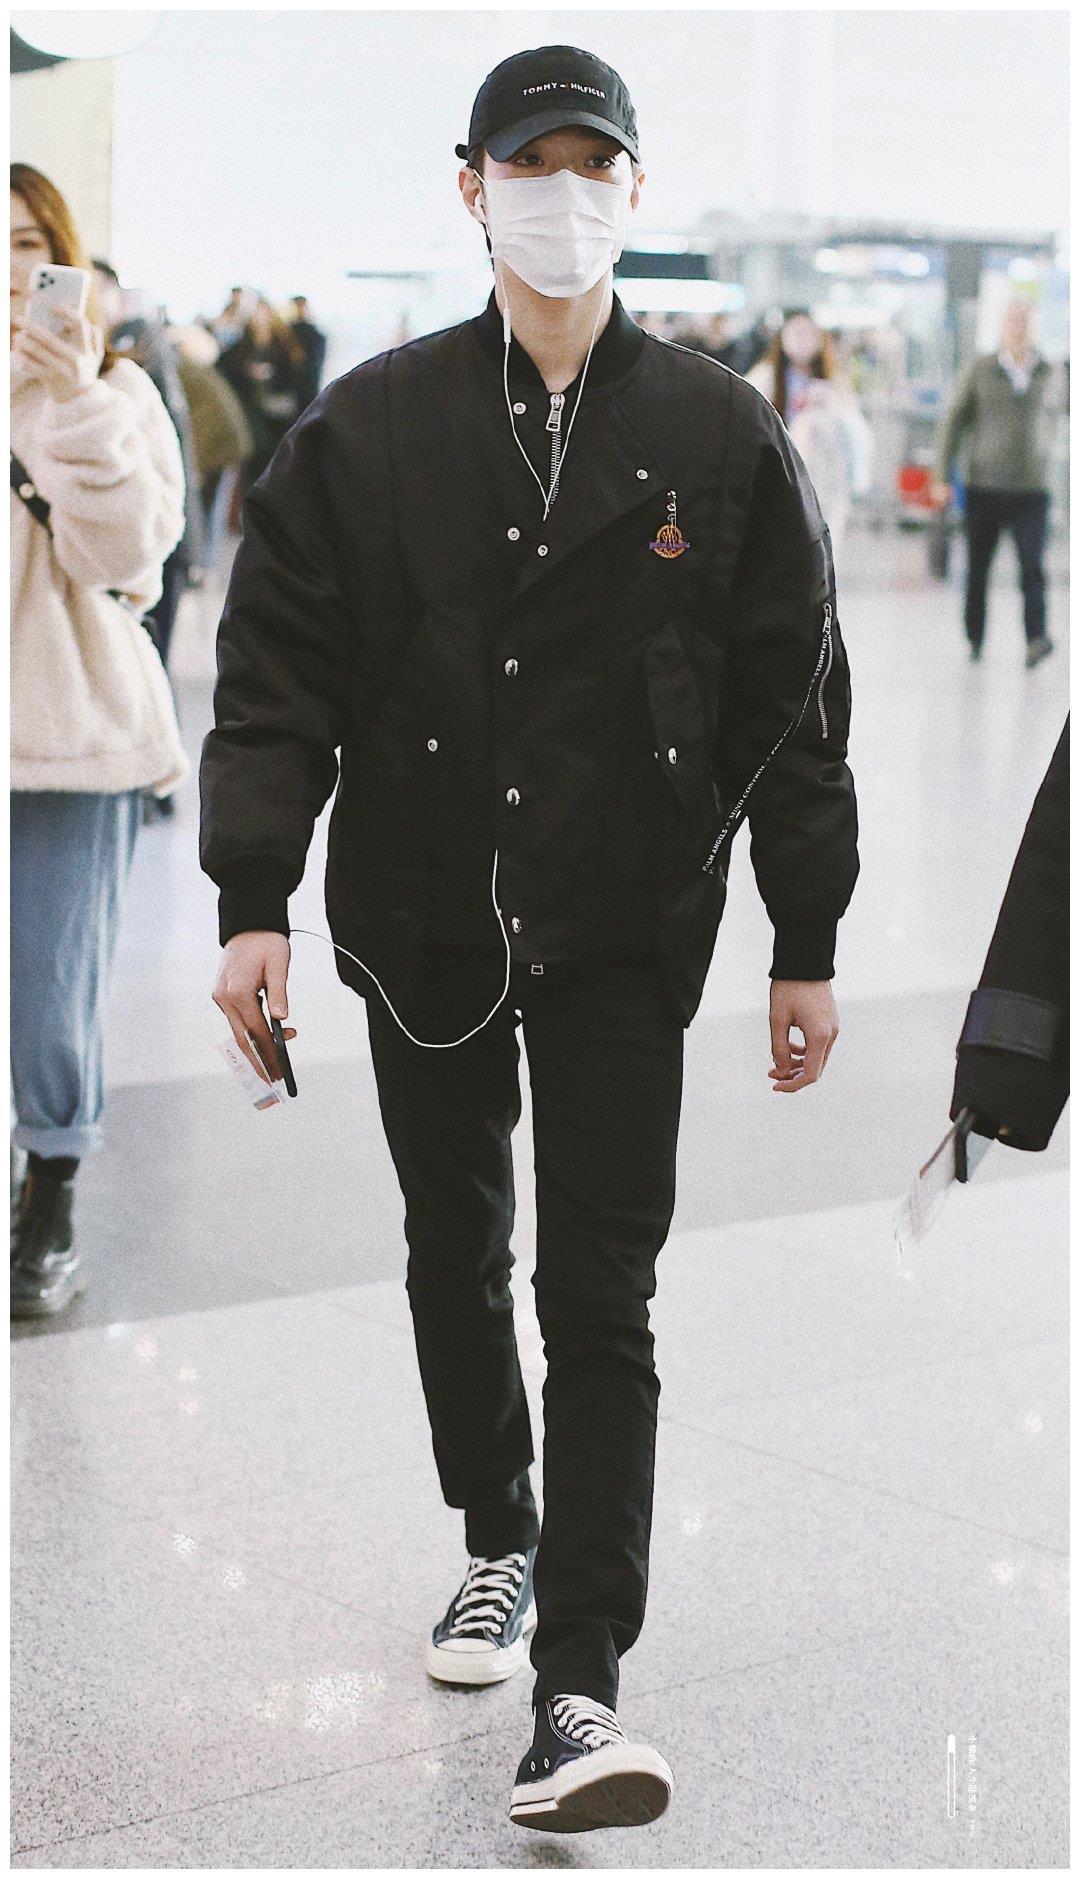 赖冠霖只有18岁,却衣品开挂,一身黑造型走机场,居然照样酷帅!